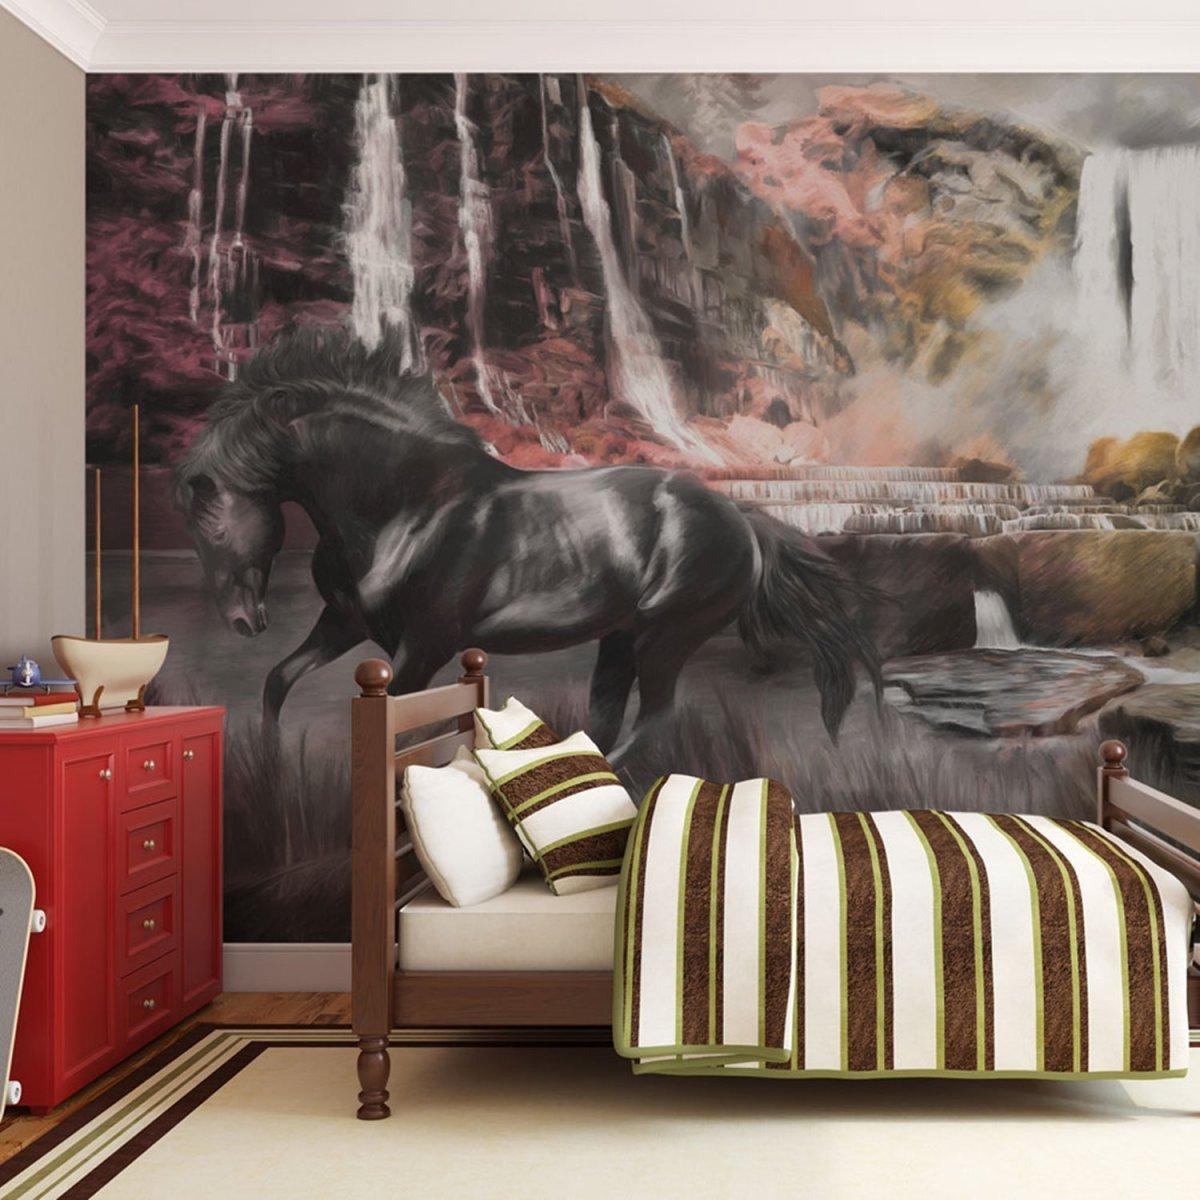 Φωτοταπετσαρίες τοίχου 350 x 270 εκ. | Mymegamarket.gr